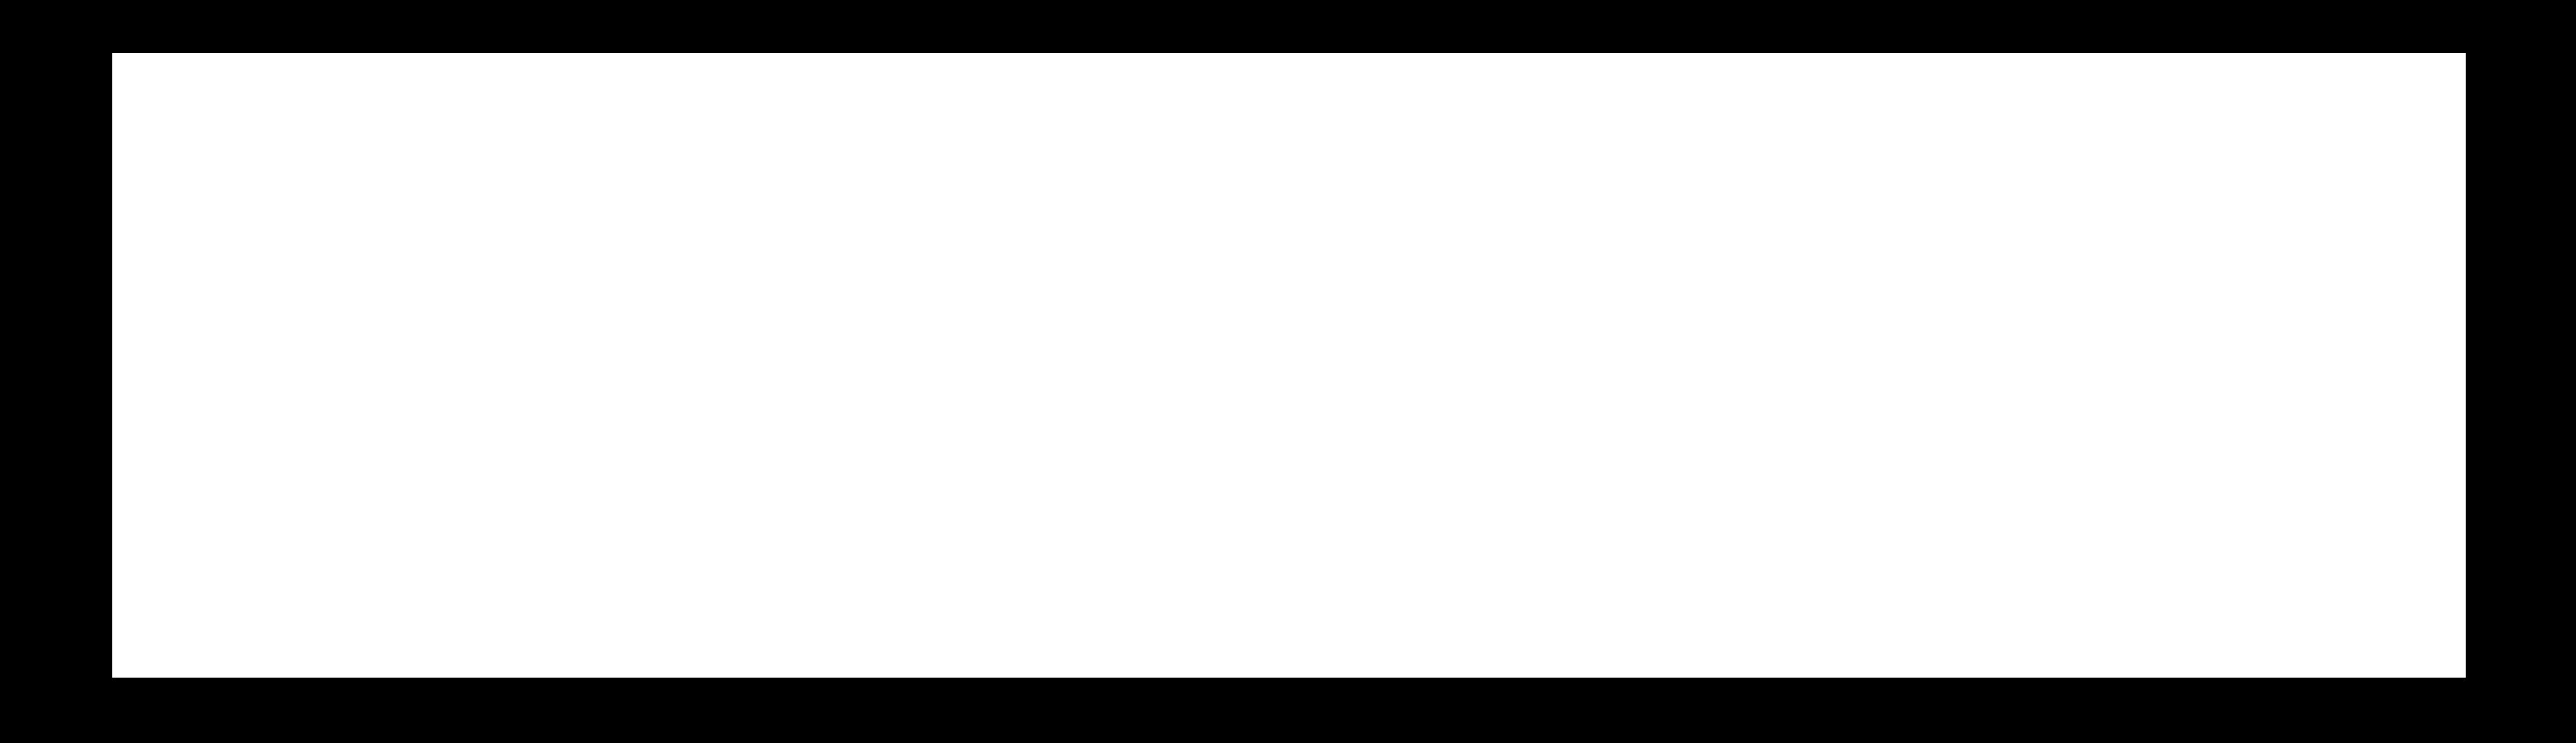 Jaminko